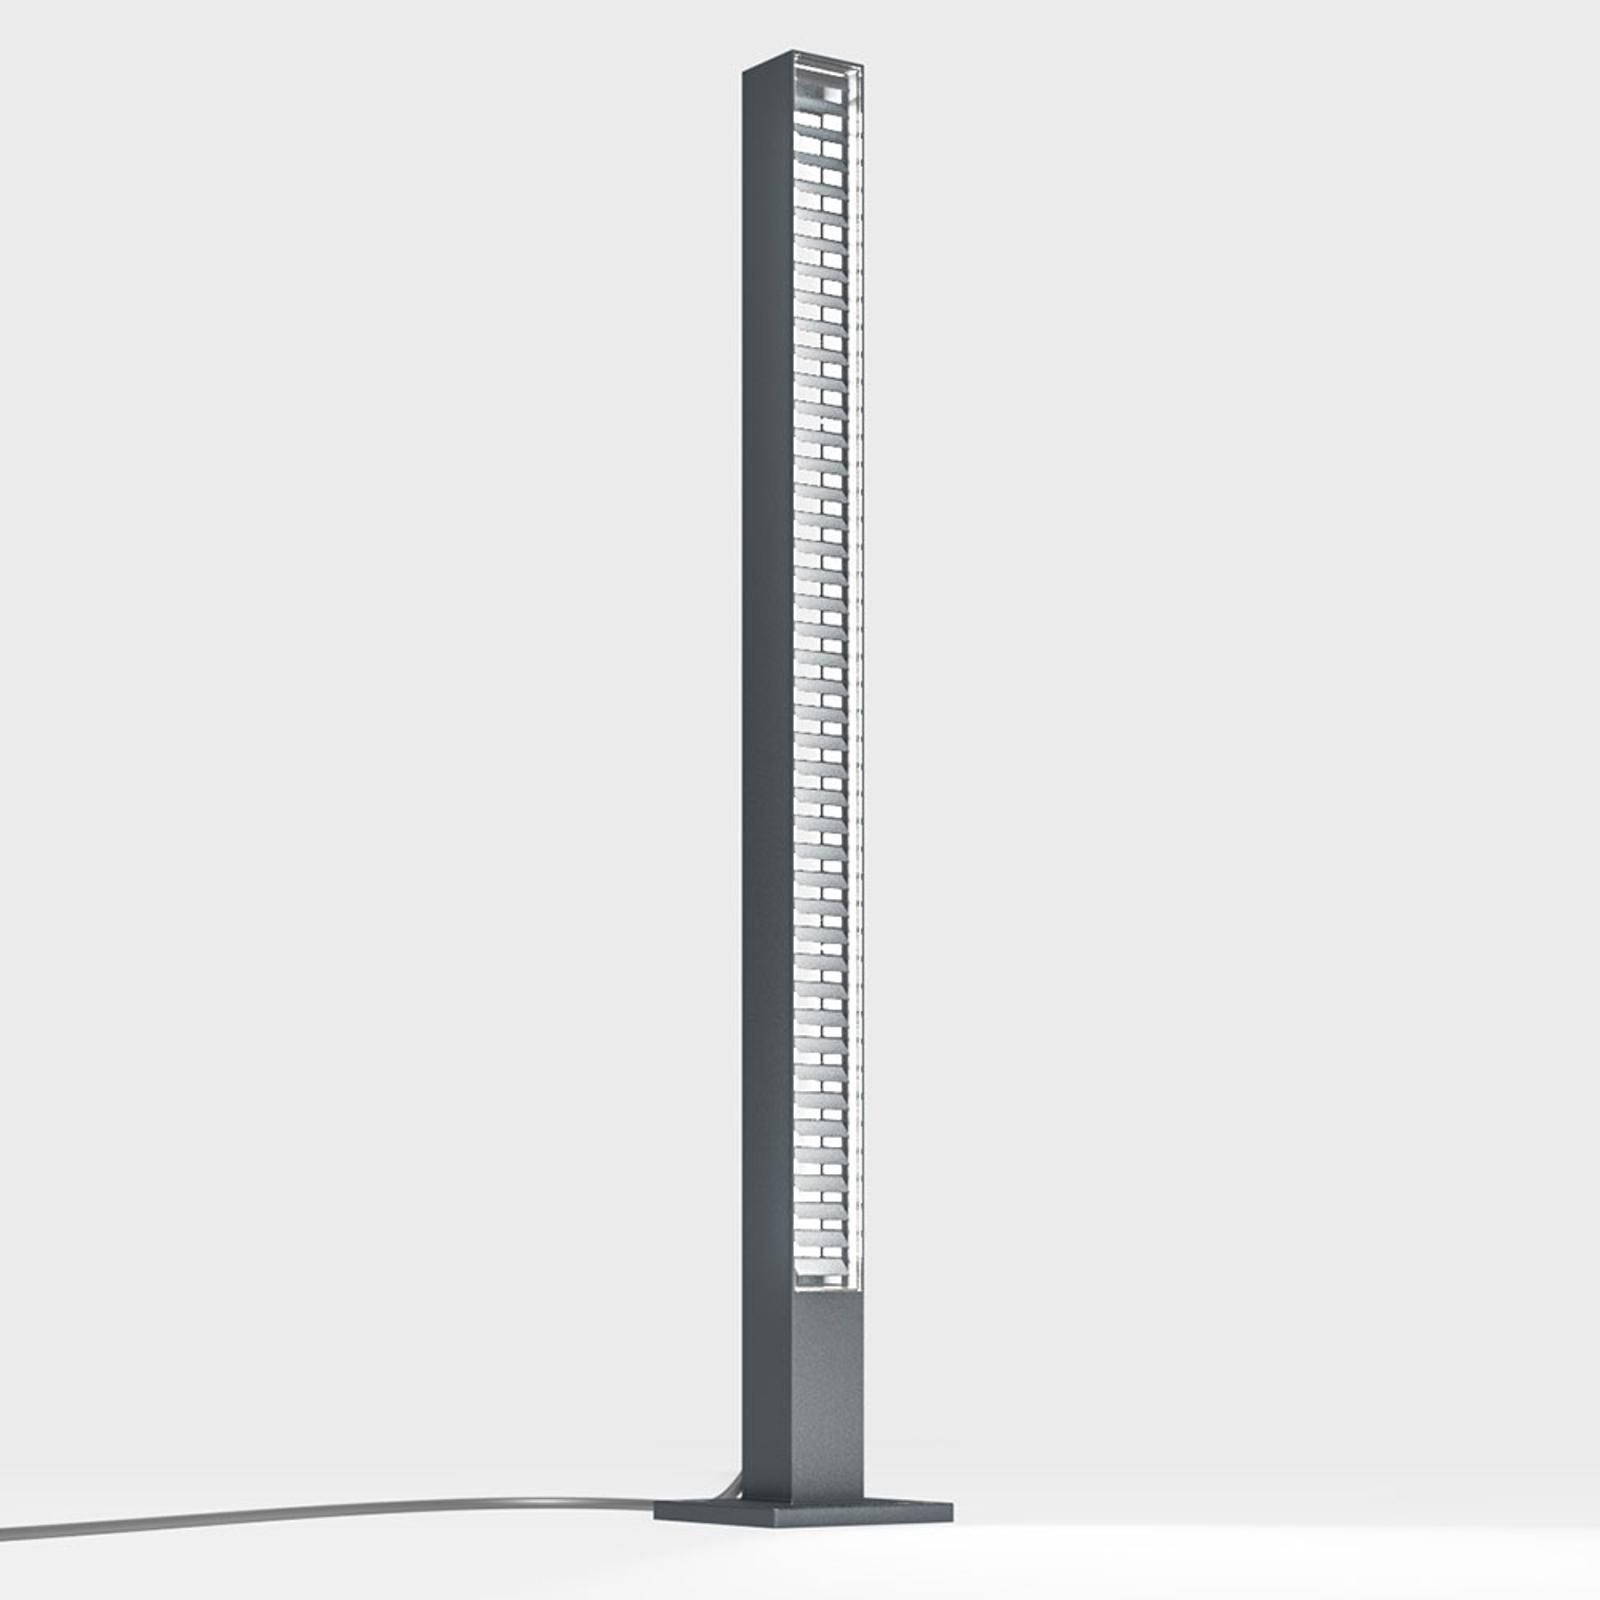 IP44.de lin słupek oświetleniowy LED antracytowy